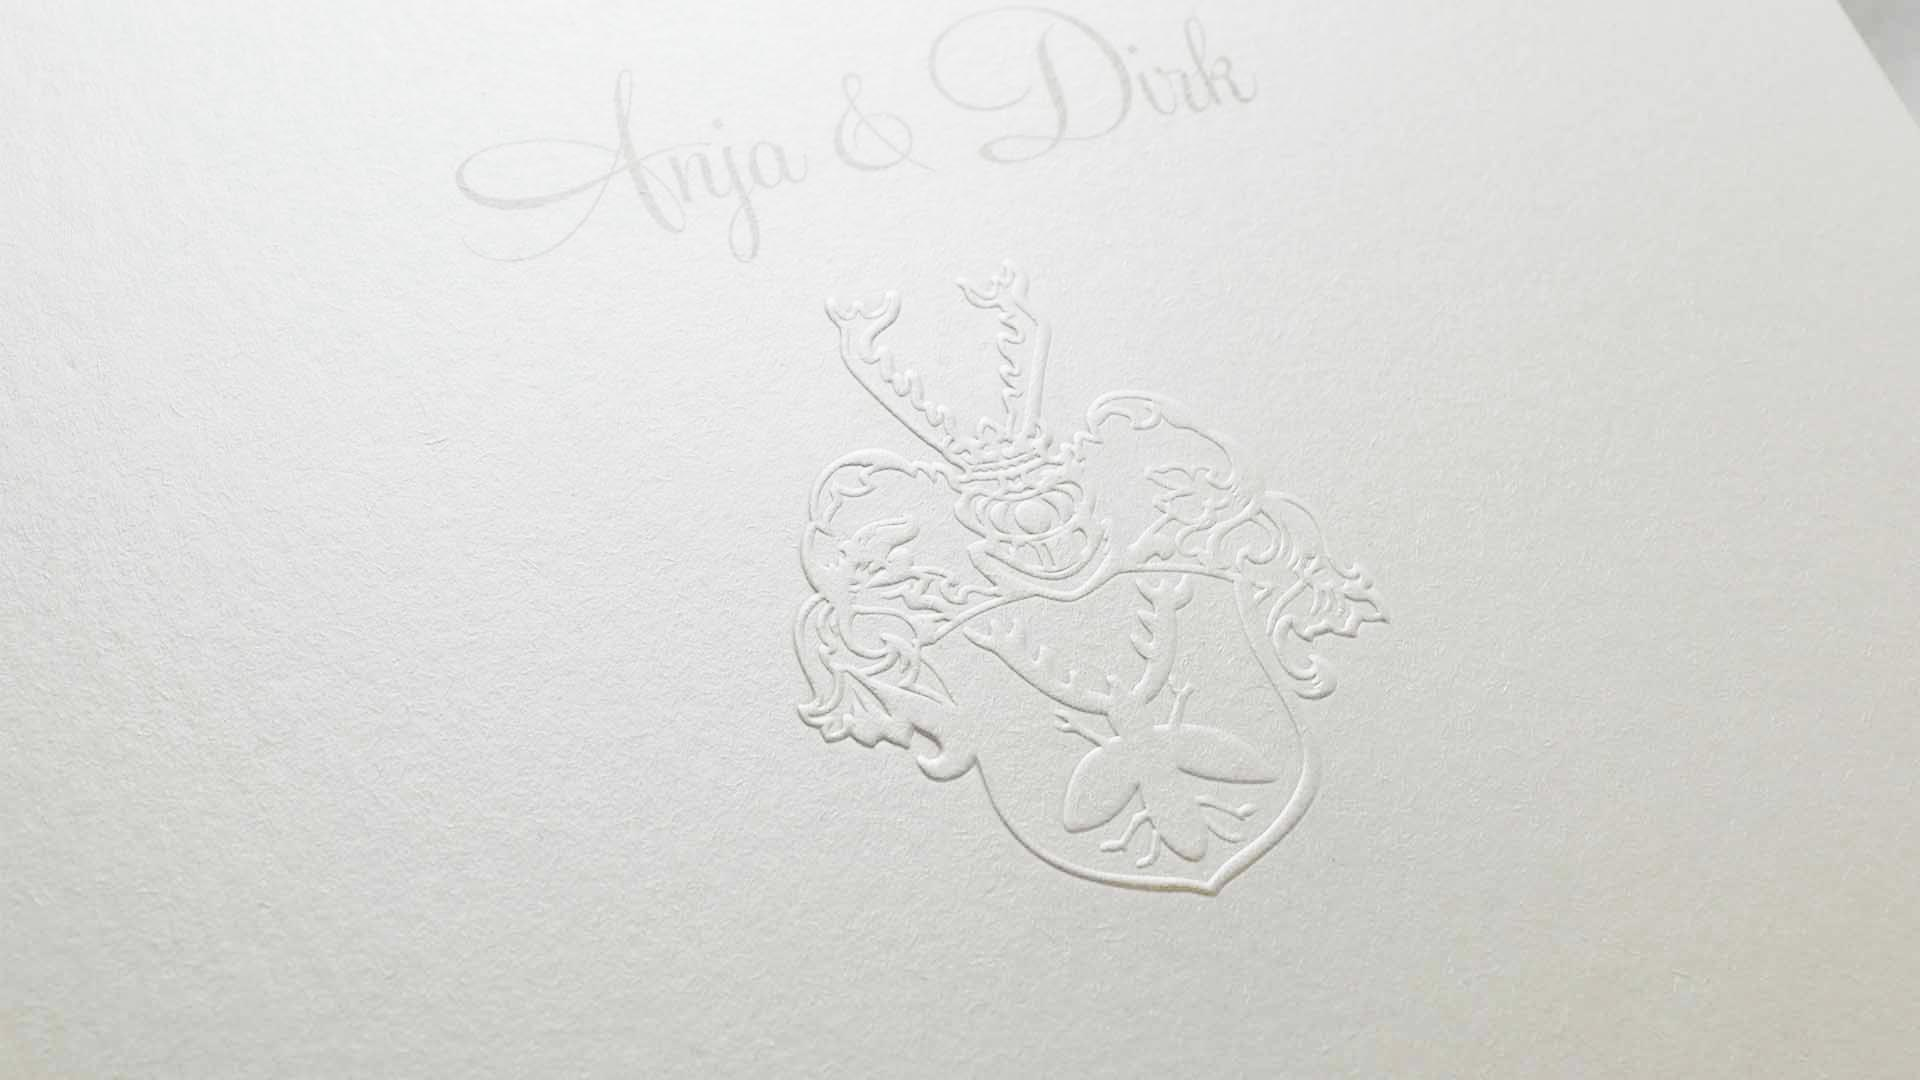 edle Hochzeitskarten mit Prägung. Druckerei für Einladungskarten zur Hochzeit.